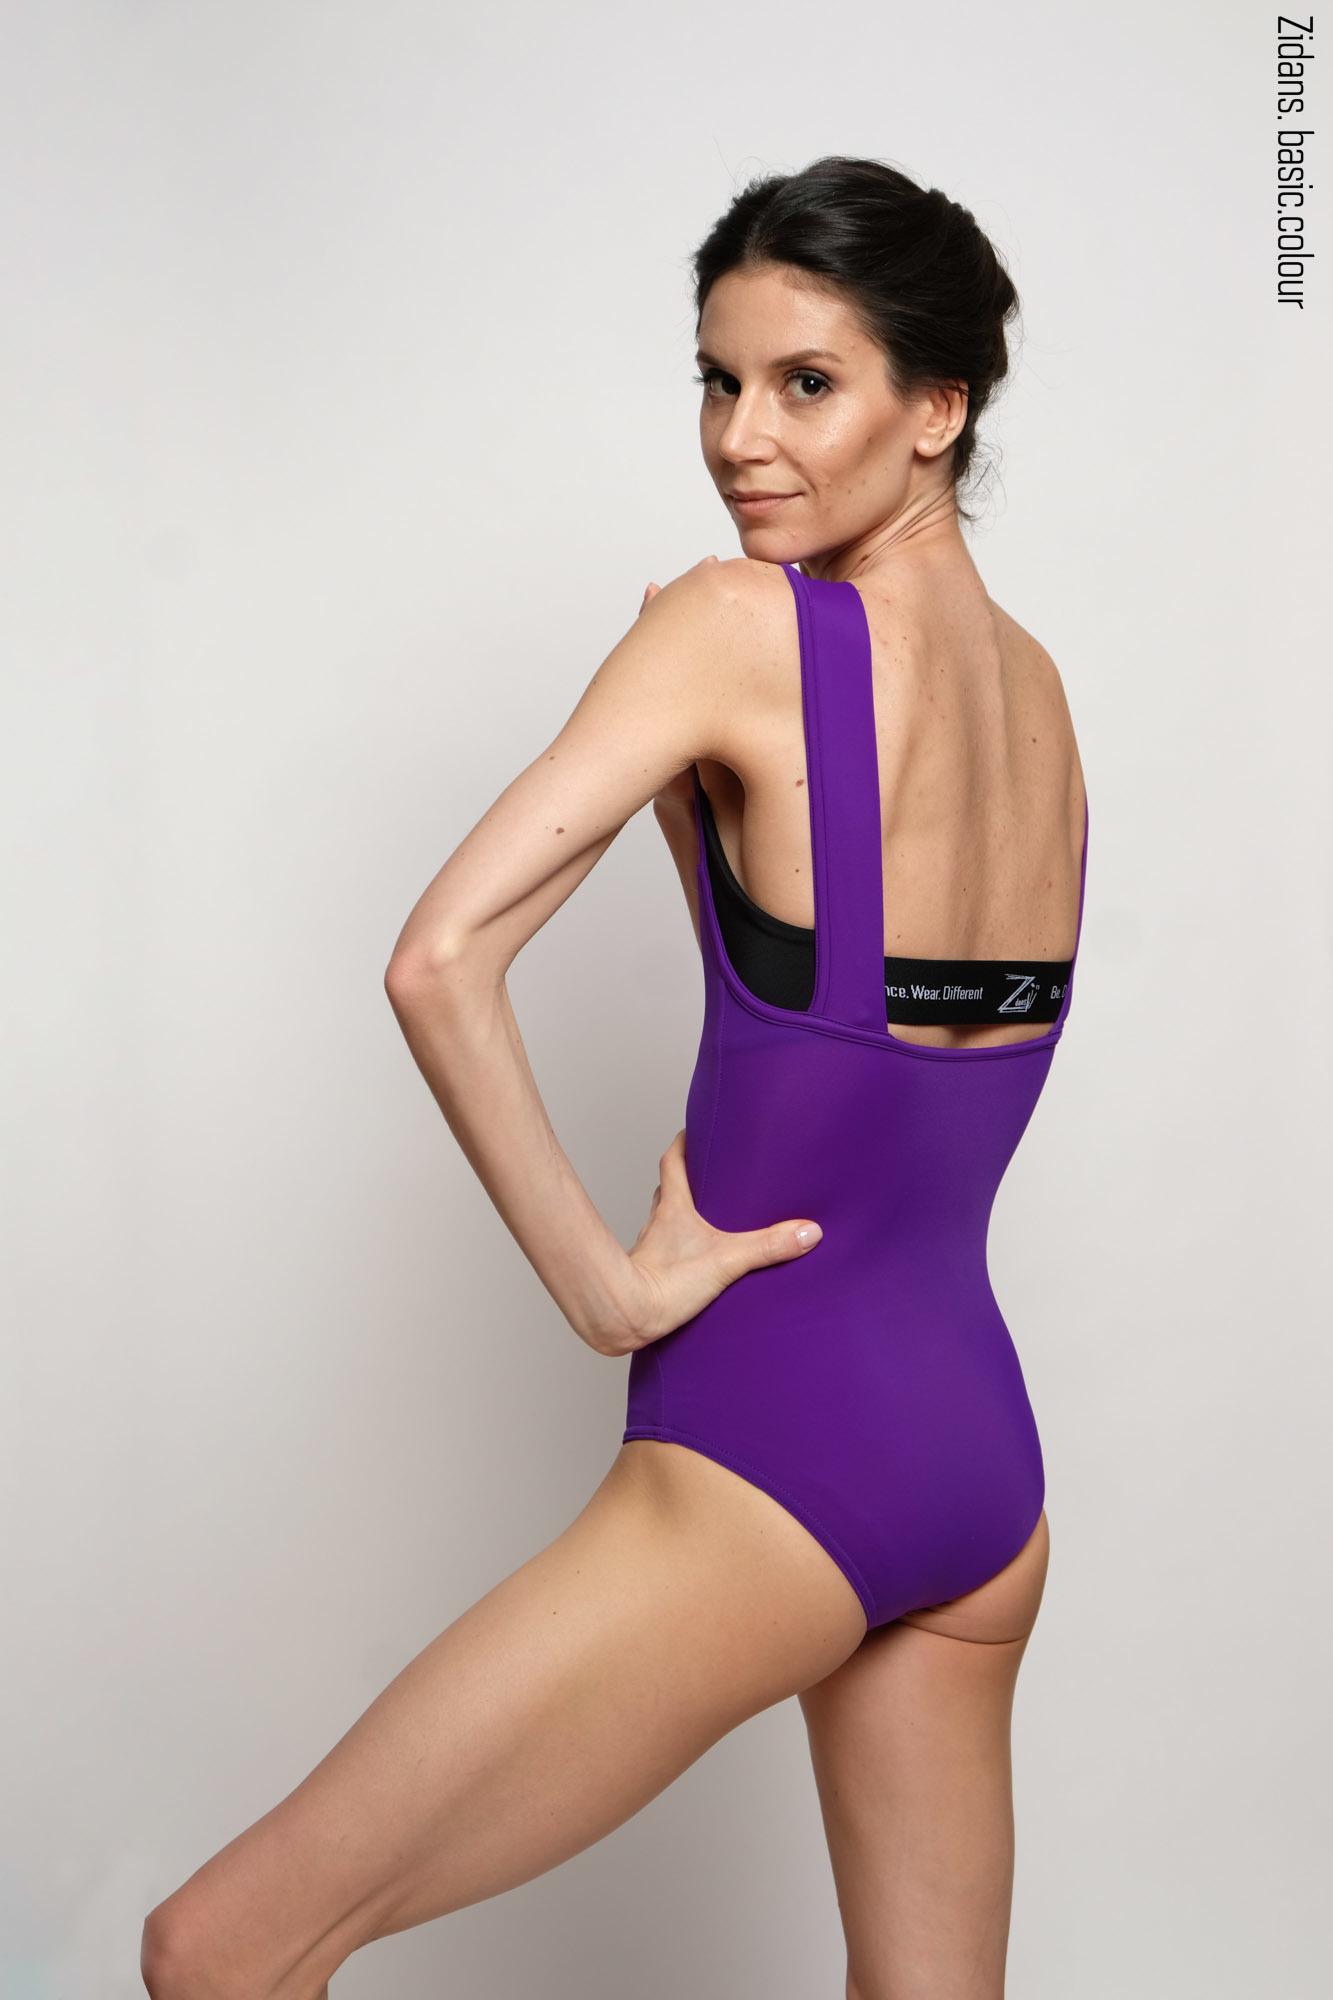 Комплект: купальник Квадрат фиолетовый  + Топ на лямках